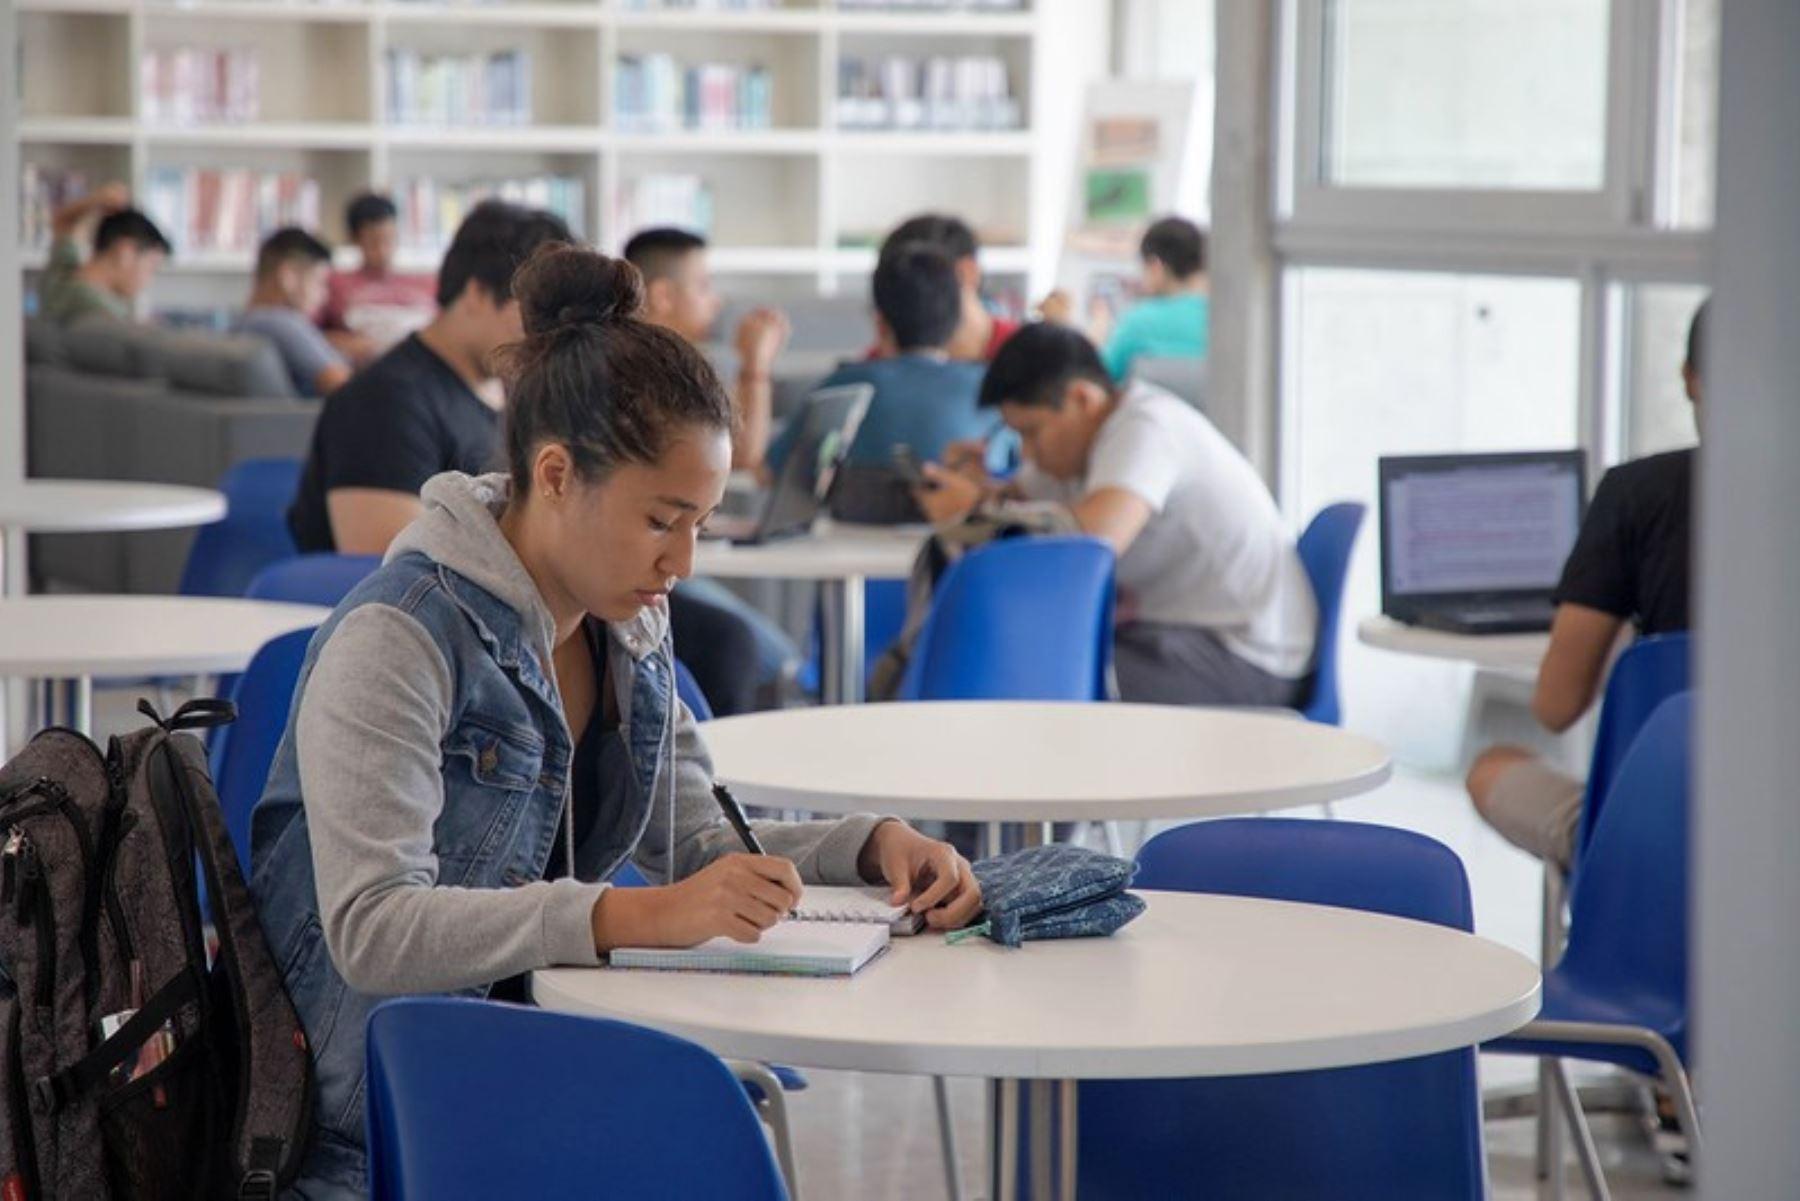 Beca Continuidad de Estudios: conoce aquí si fuiste seleccionado. Foto: ANDINA/Difusión.